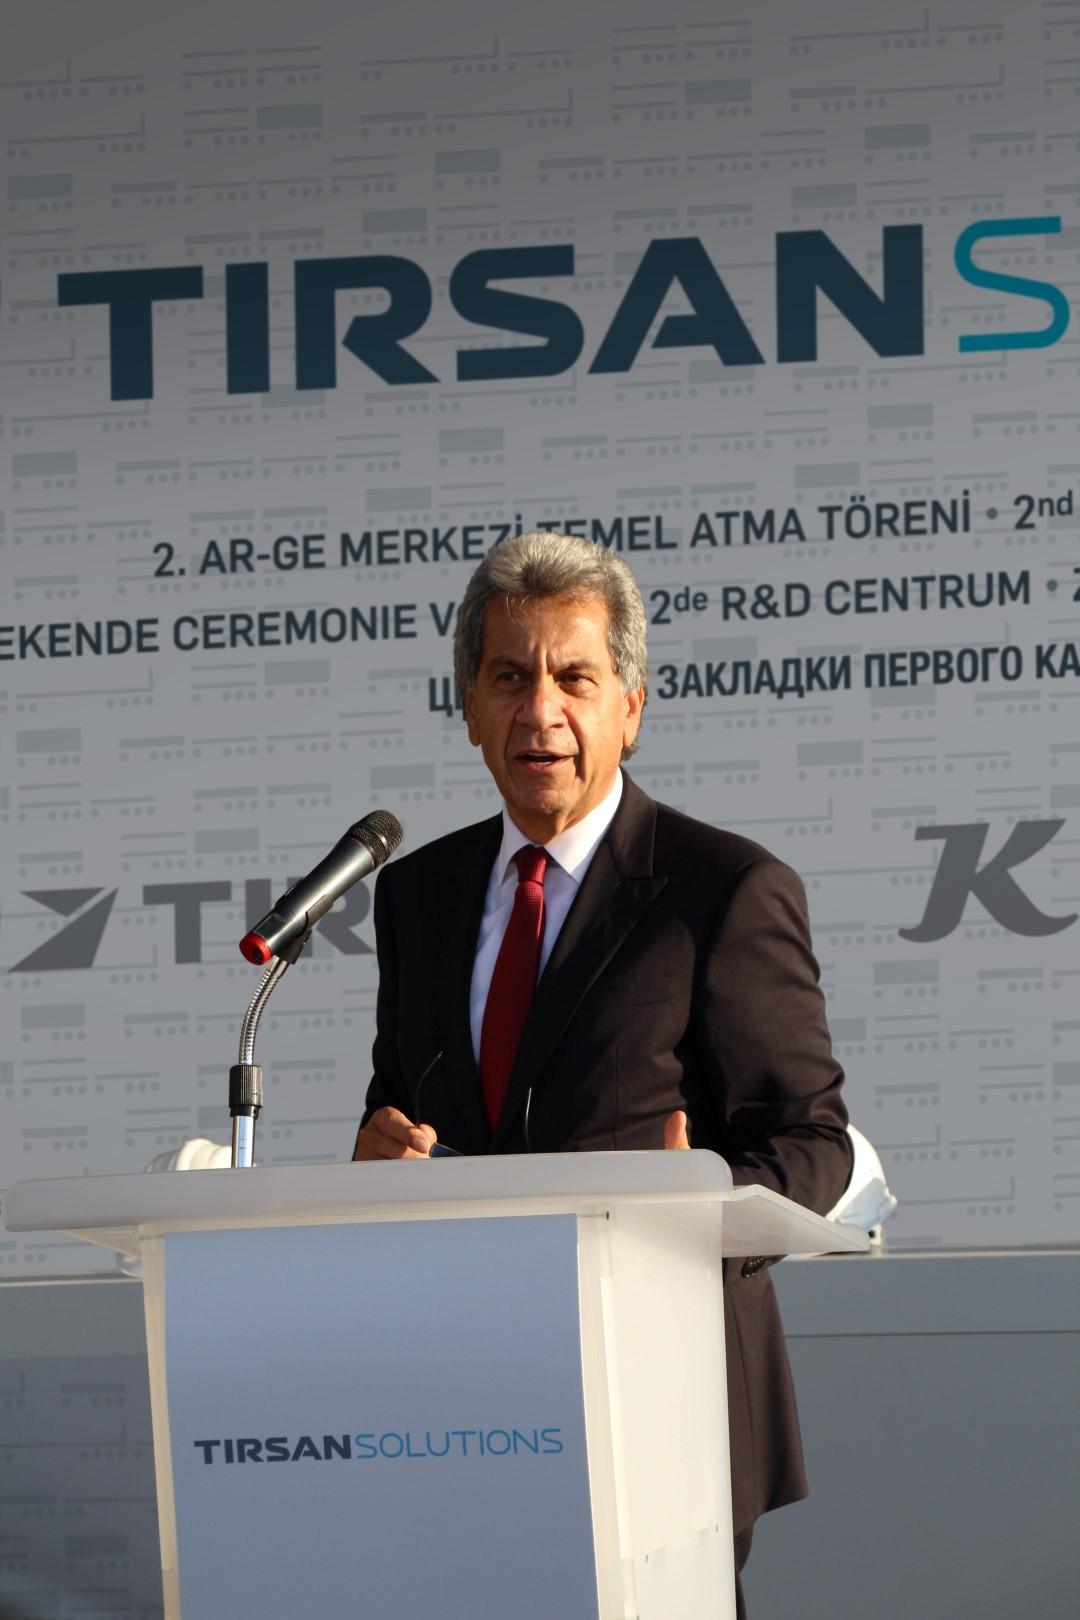 tirsan-2.ar-ge-temel-atma-toreni-(3)-(large).jpg